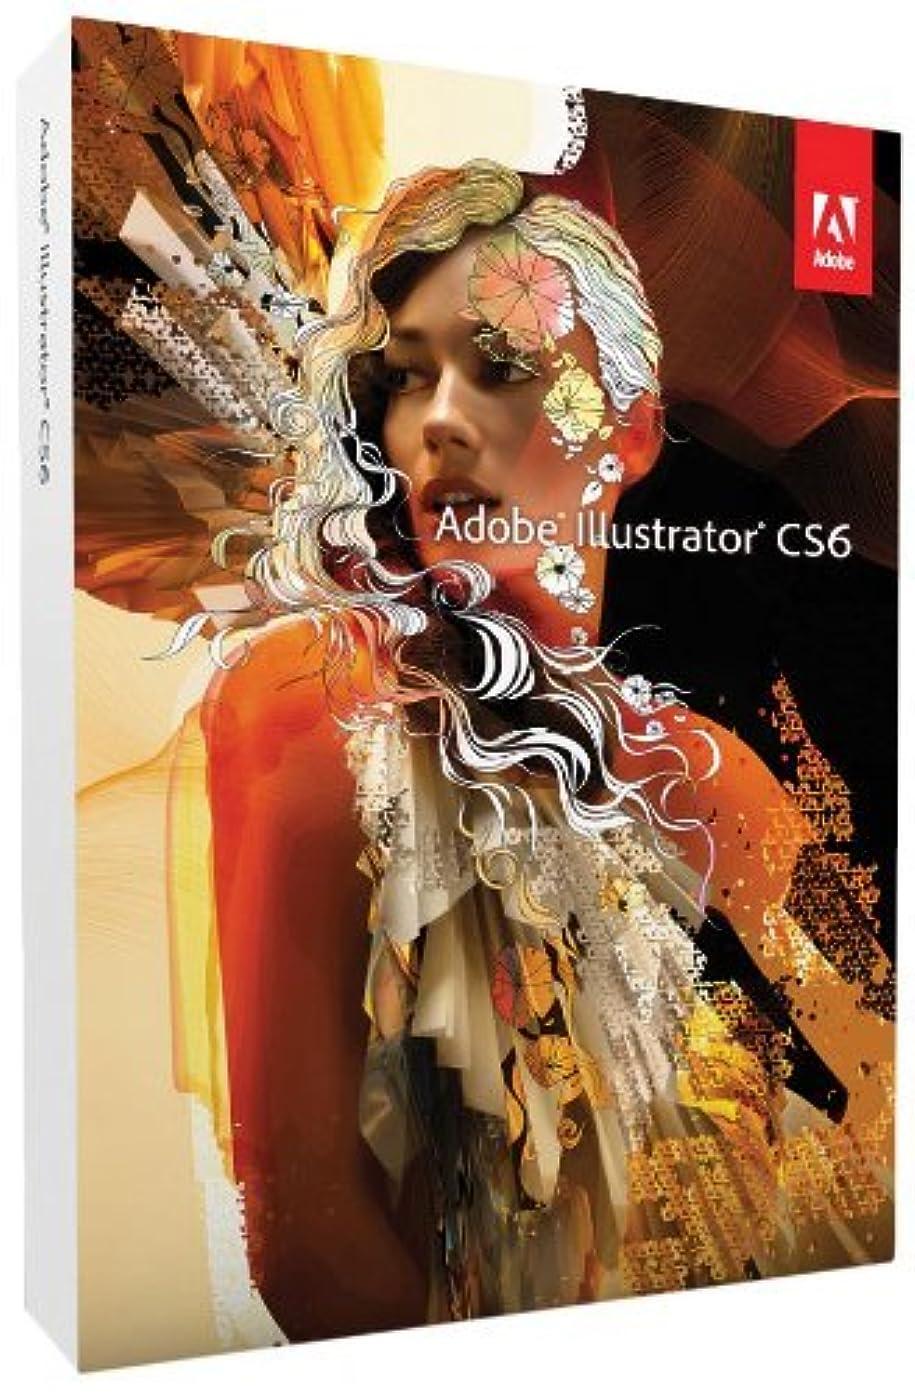 早くフィットネス割るAdobe Illustrator CS6 Macintosh用 ダウンロード版 (最大2台まで認証可) 《海外版?日本語変更可》 [並行輸入品]